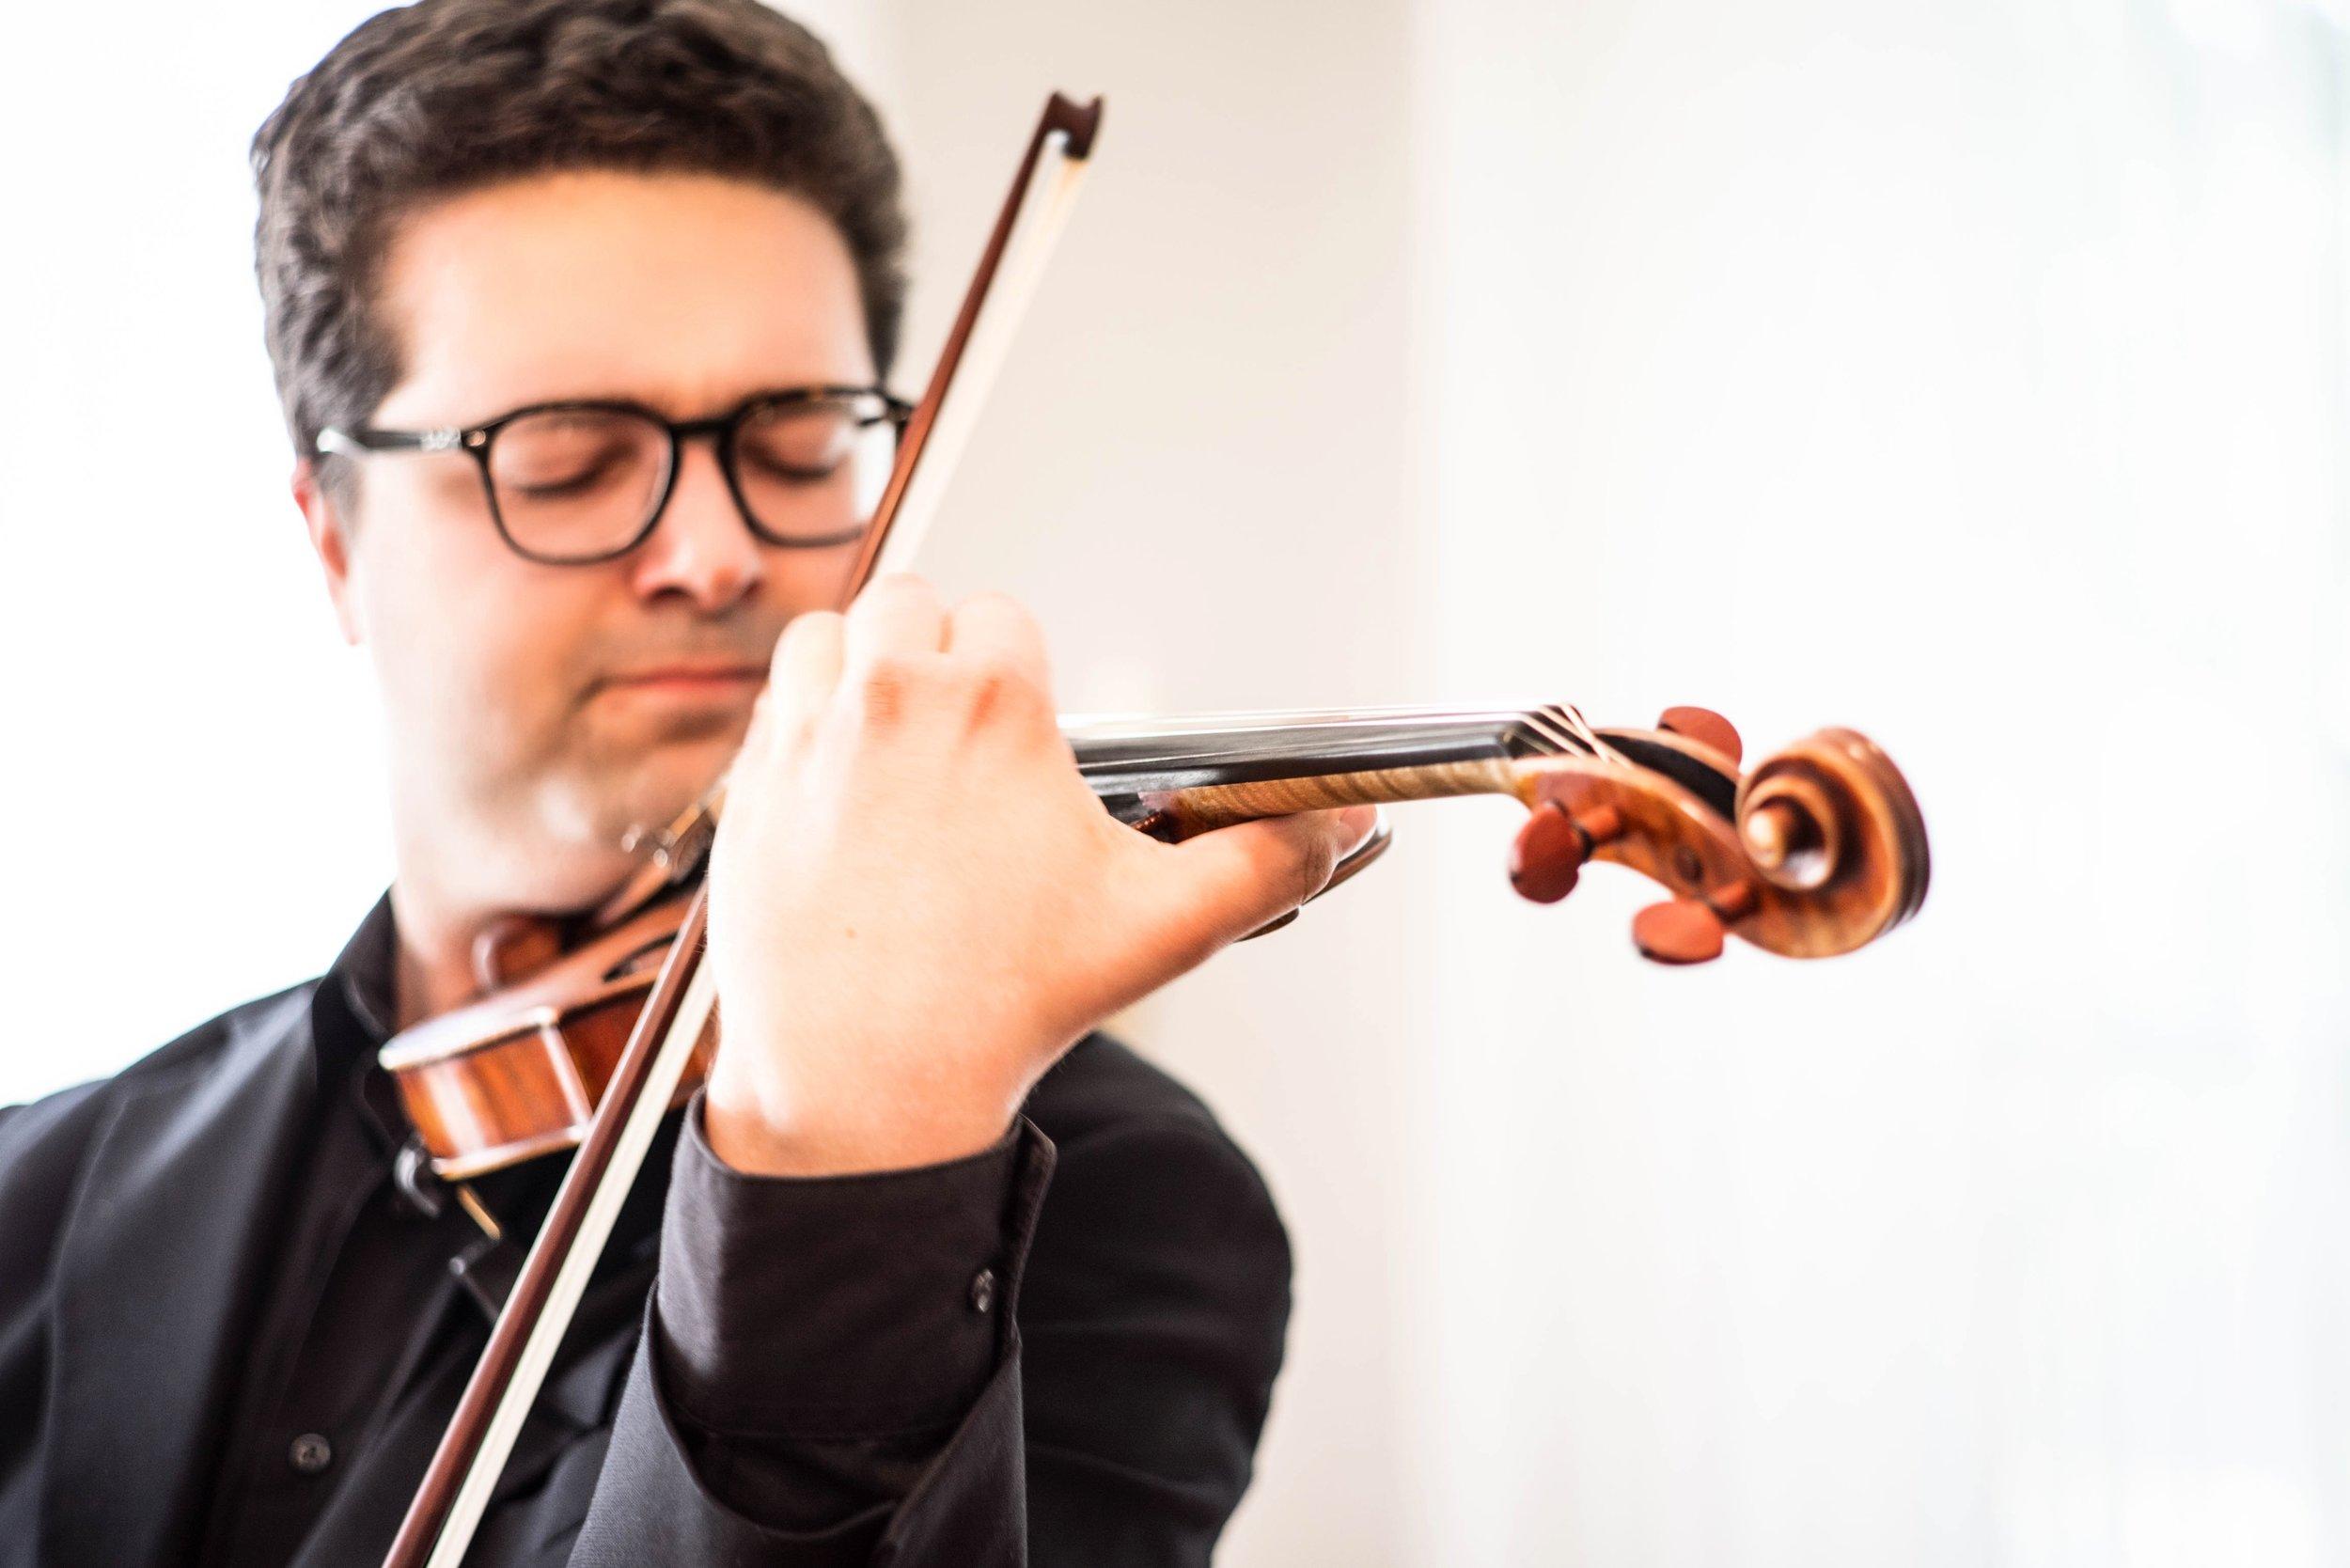 violin-11_pp.jpg